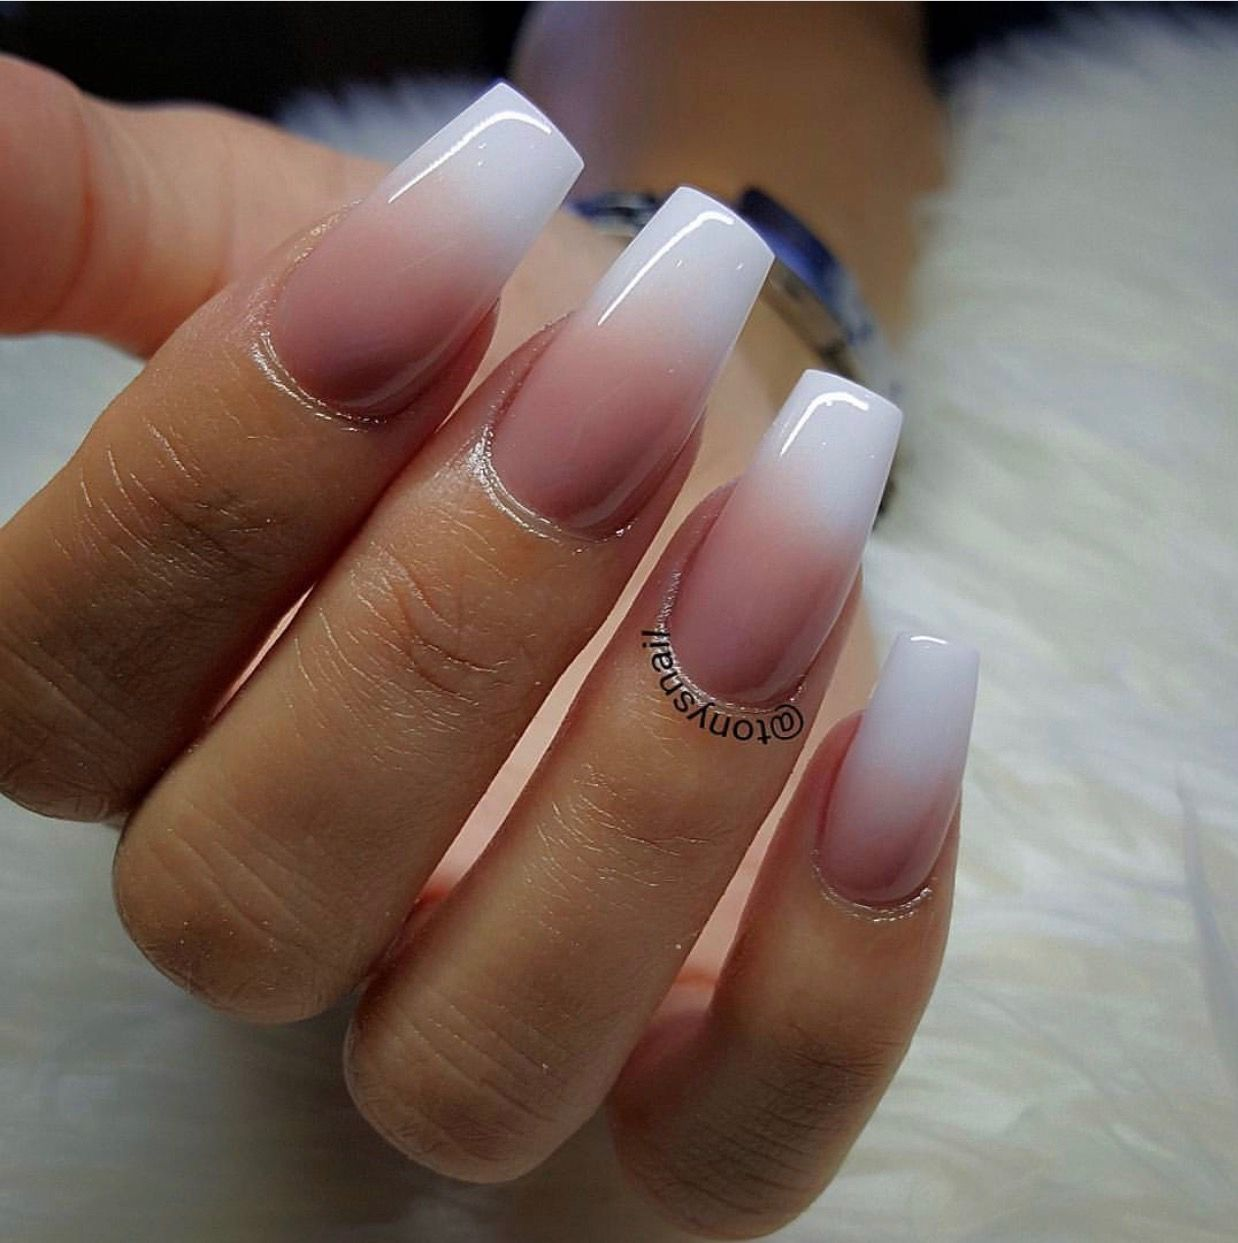 Pin by echo shipe on nails | Pinterest | Coffin nails, Nail nail and ...